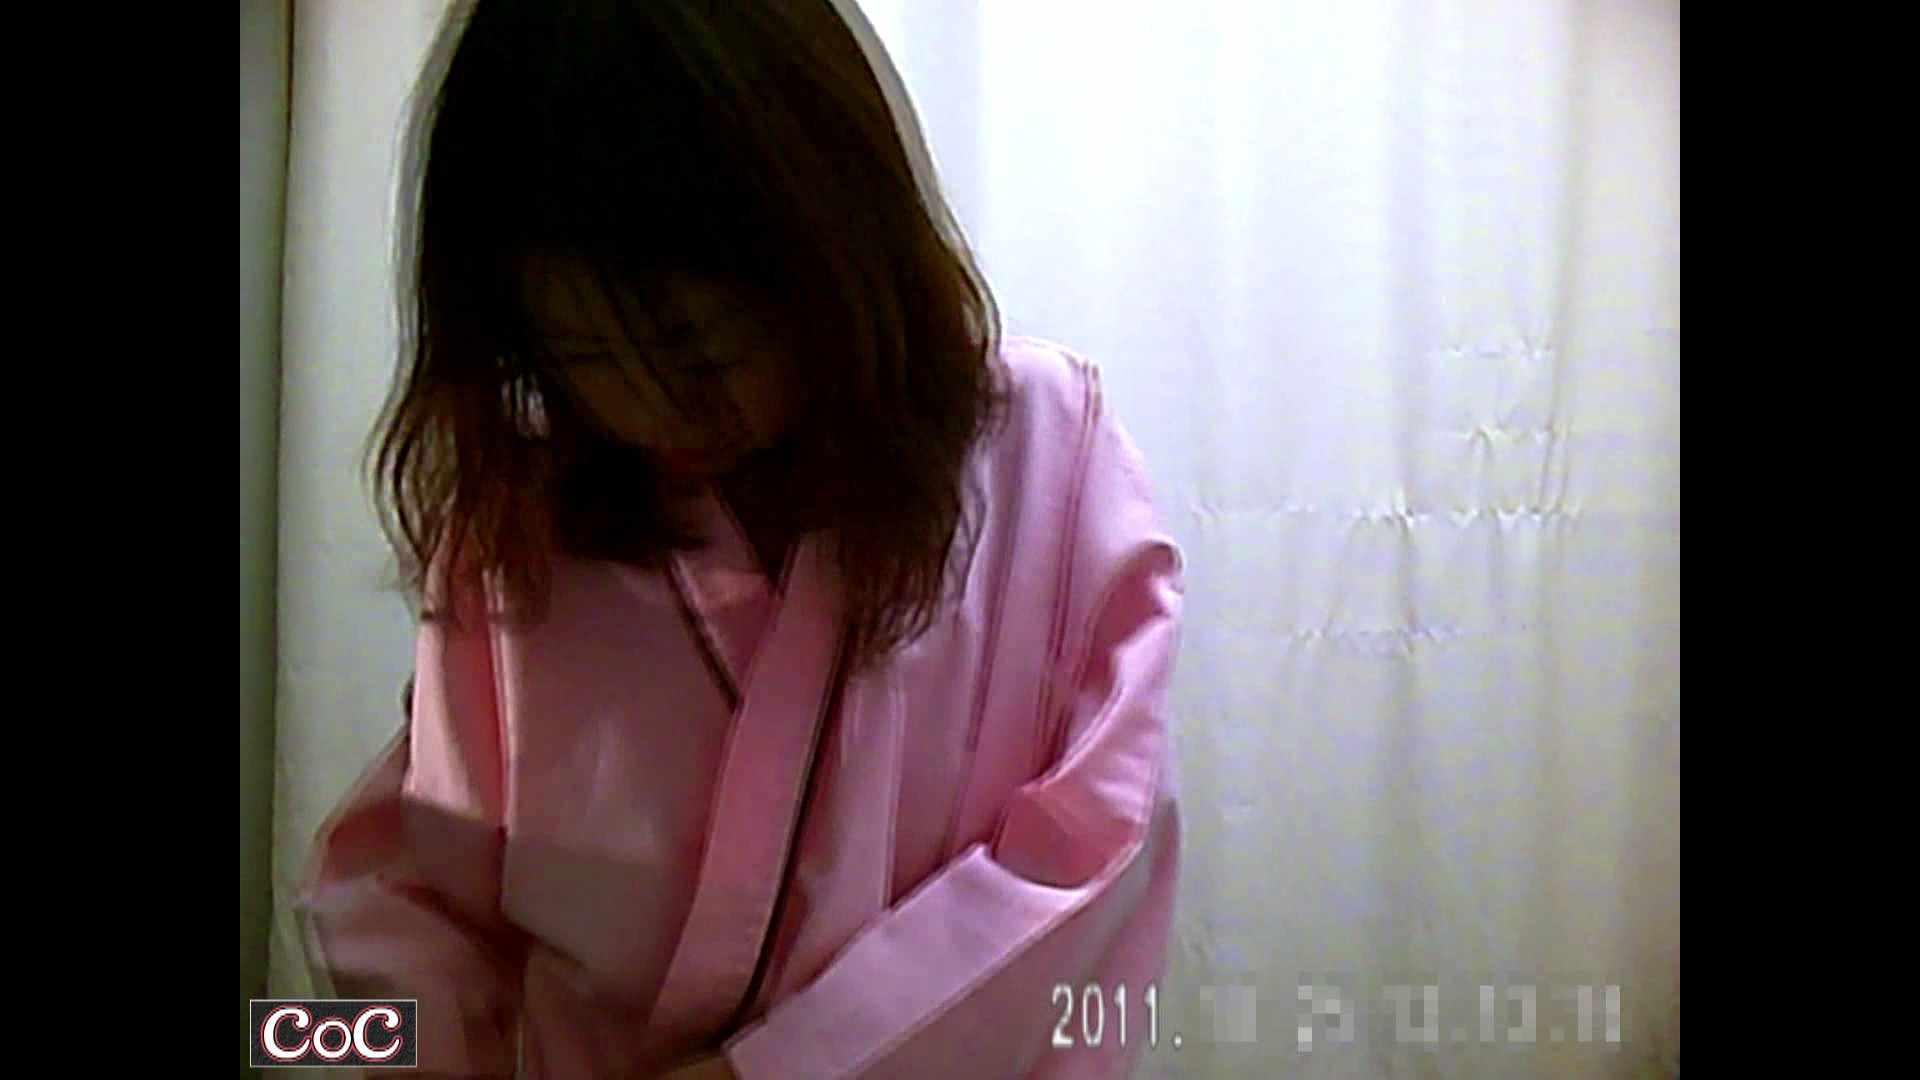 病院おもいっきり着替え! vol.72 乳首ポロリ 盗撮われめAV動画紹介 74画像 46